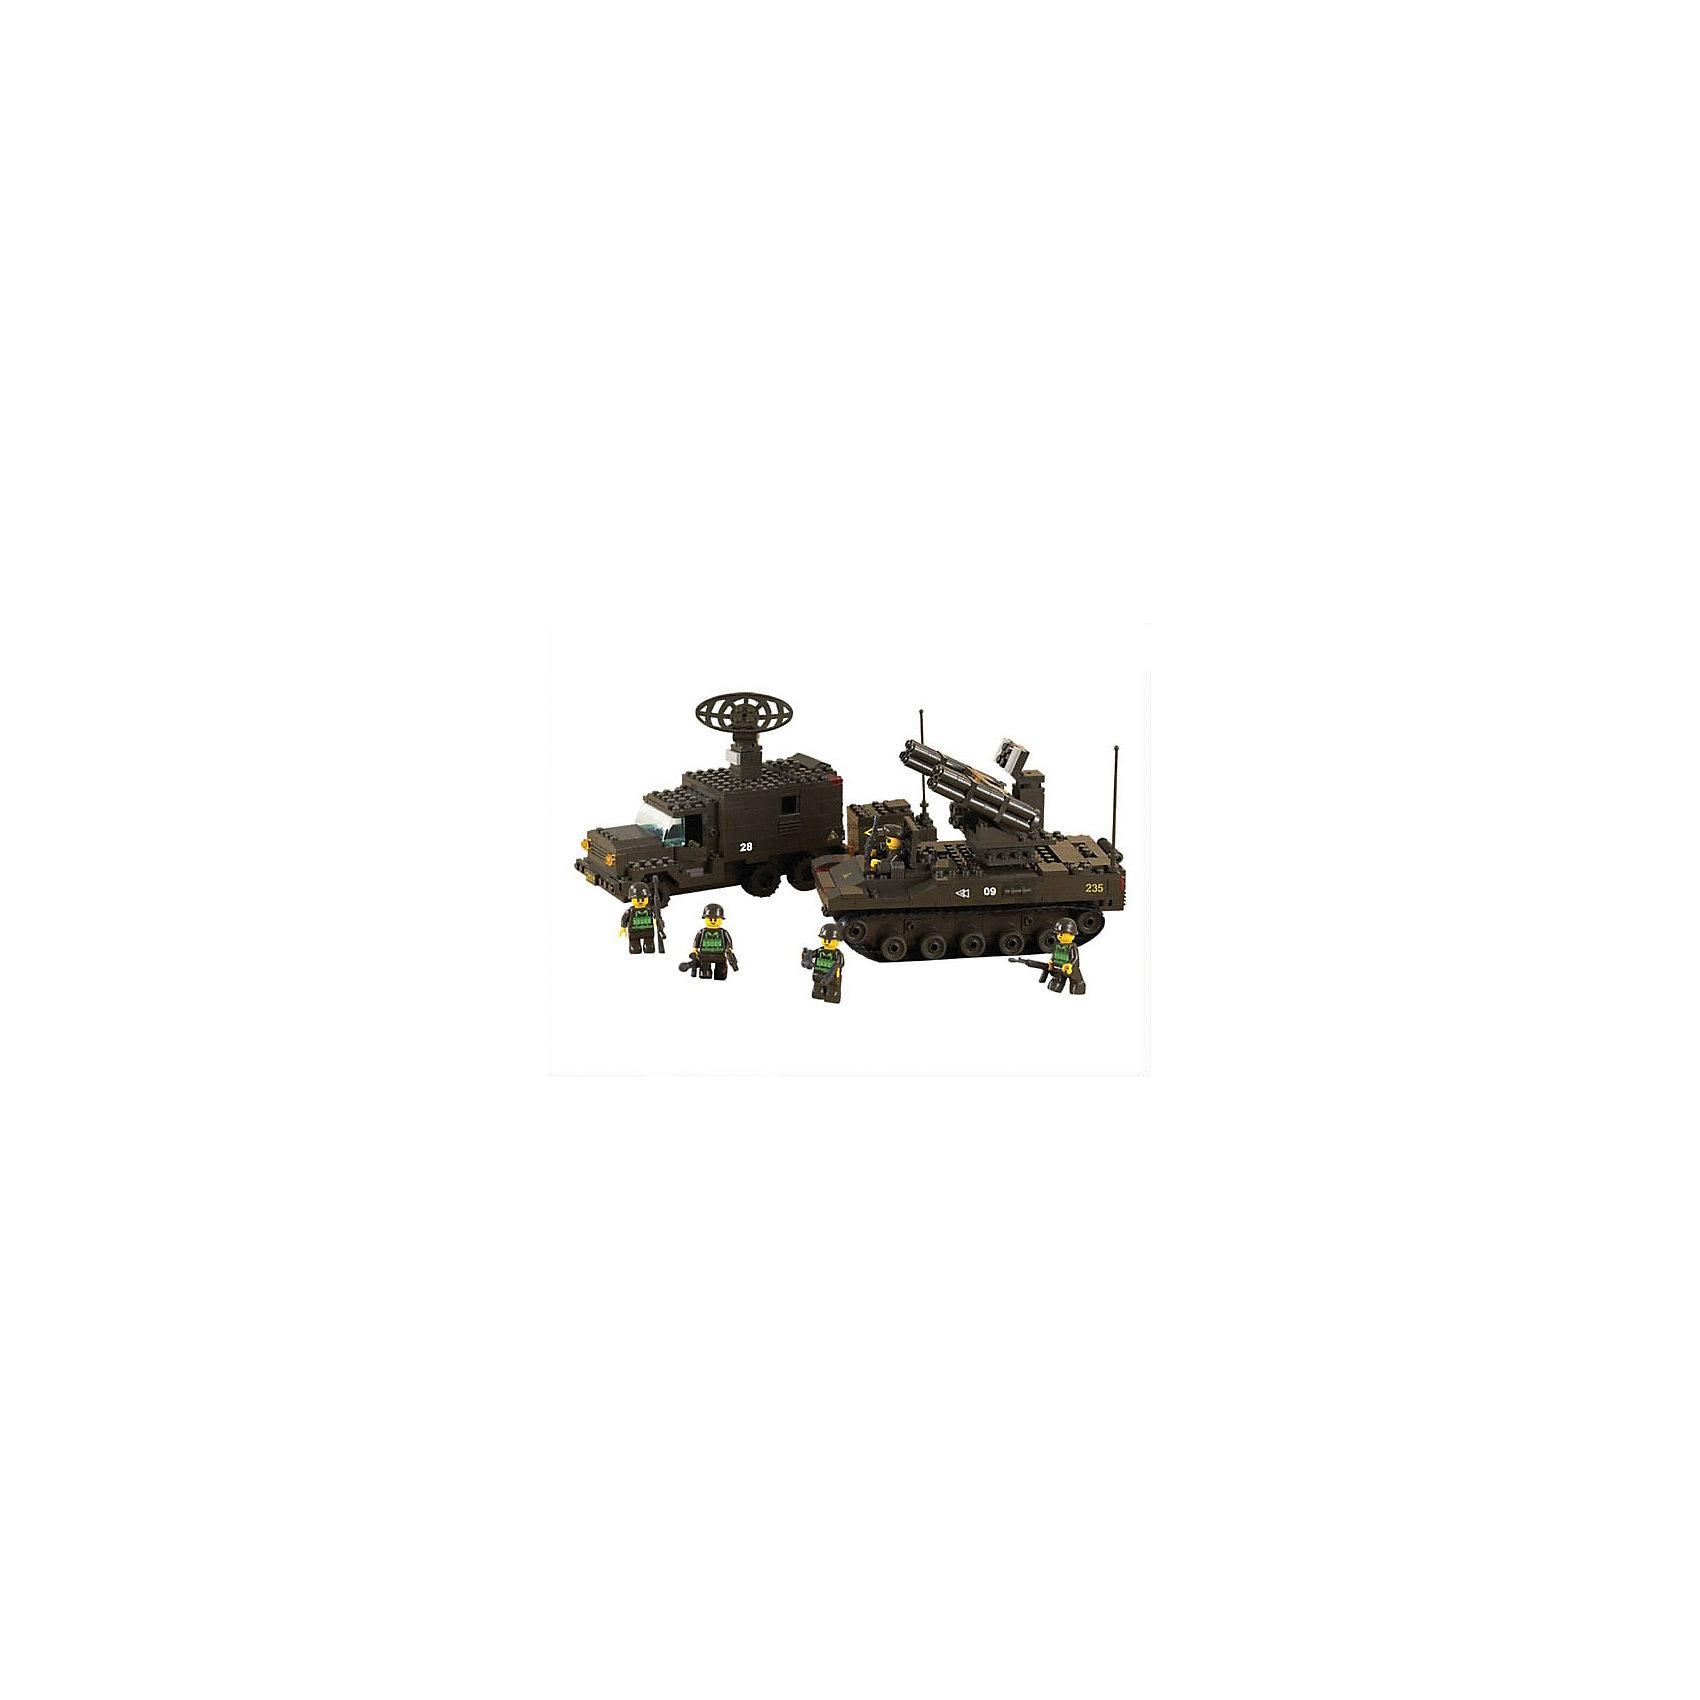 Конструктор Сухопутные войска: Боевая готовность, 511 деталей, SlubanПластмассовые конструкторы<br>Конструктор Сухопутные войска: Боевая готовность, 511 деталей, Sluban  (Слубан)<br><br>Характеристики:<br><br>• возраст: от 6 лет<br>• зенитно-ракетный комплекс и радиолокационная станция<br>• мини-фигурки в комплекте<br>• количество деталей: 511<br>• материал: пластик<br>• размер упаковки: 6х28,5х38 см<br>• вес: 1080 грамм<br><br>Зенитно-ракетный комплекс и радиолокационная станция - мечта любого маленького солдата. Из конструктора Sluban ребенок сможет самостоятельно соорудить необходимую технику. В комплект входят пять фигурок военных, которые быстро найдут цель и уничтожат ее с помощью зенитно-ракетной установки. С этим конструктором ребенок весело проведет время!<br><br>Конструктор Сухопутные войска: Боевая готовность, 511 деталей, Sluban (Слубан)  можно купить в нашем интернет-магазине.<br><br>Ширина мм: 380<br>Глубина мм: 285<br>Высота мм: 60<br>Вес г: 1080<br>Возраст от месяцев: 72<br>Возраст до месяцев: 2147483647<br>Пол: Мужской<br>Возраст: Детский<br>SKU: 5453699